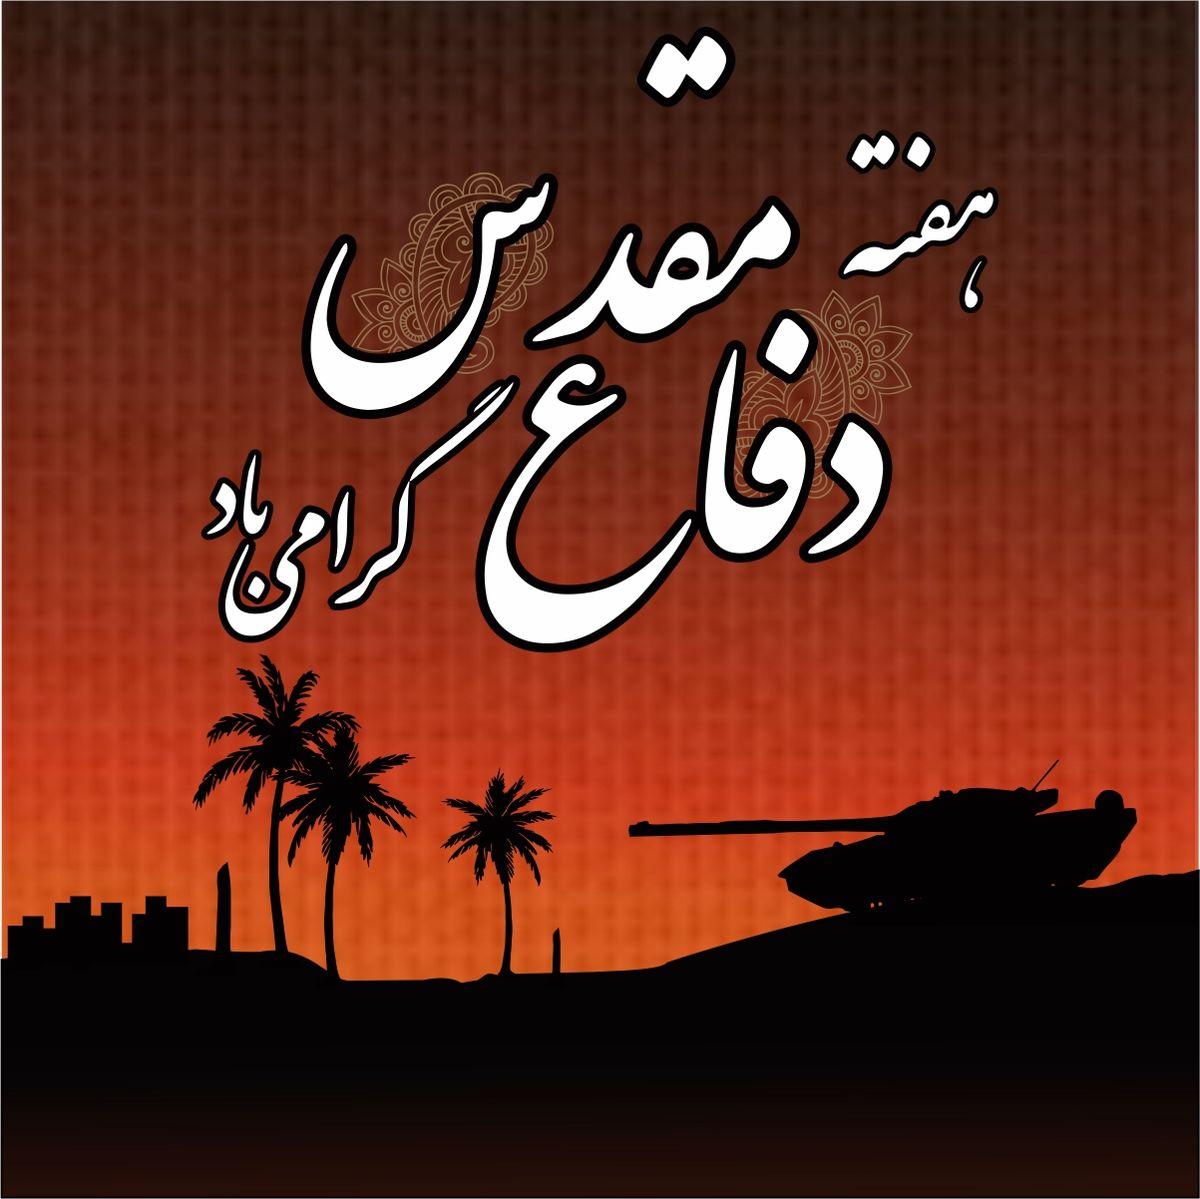 پیام دکتر مجید قلی پور مدیر عامل بیمه آرمان به مناسبت بزرگداشت هفته دفاع مقدس